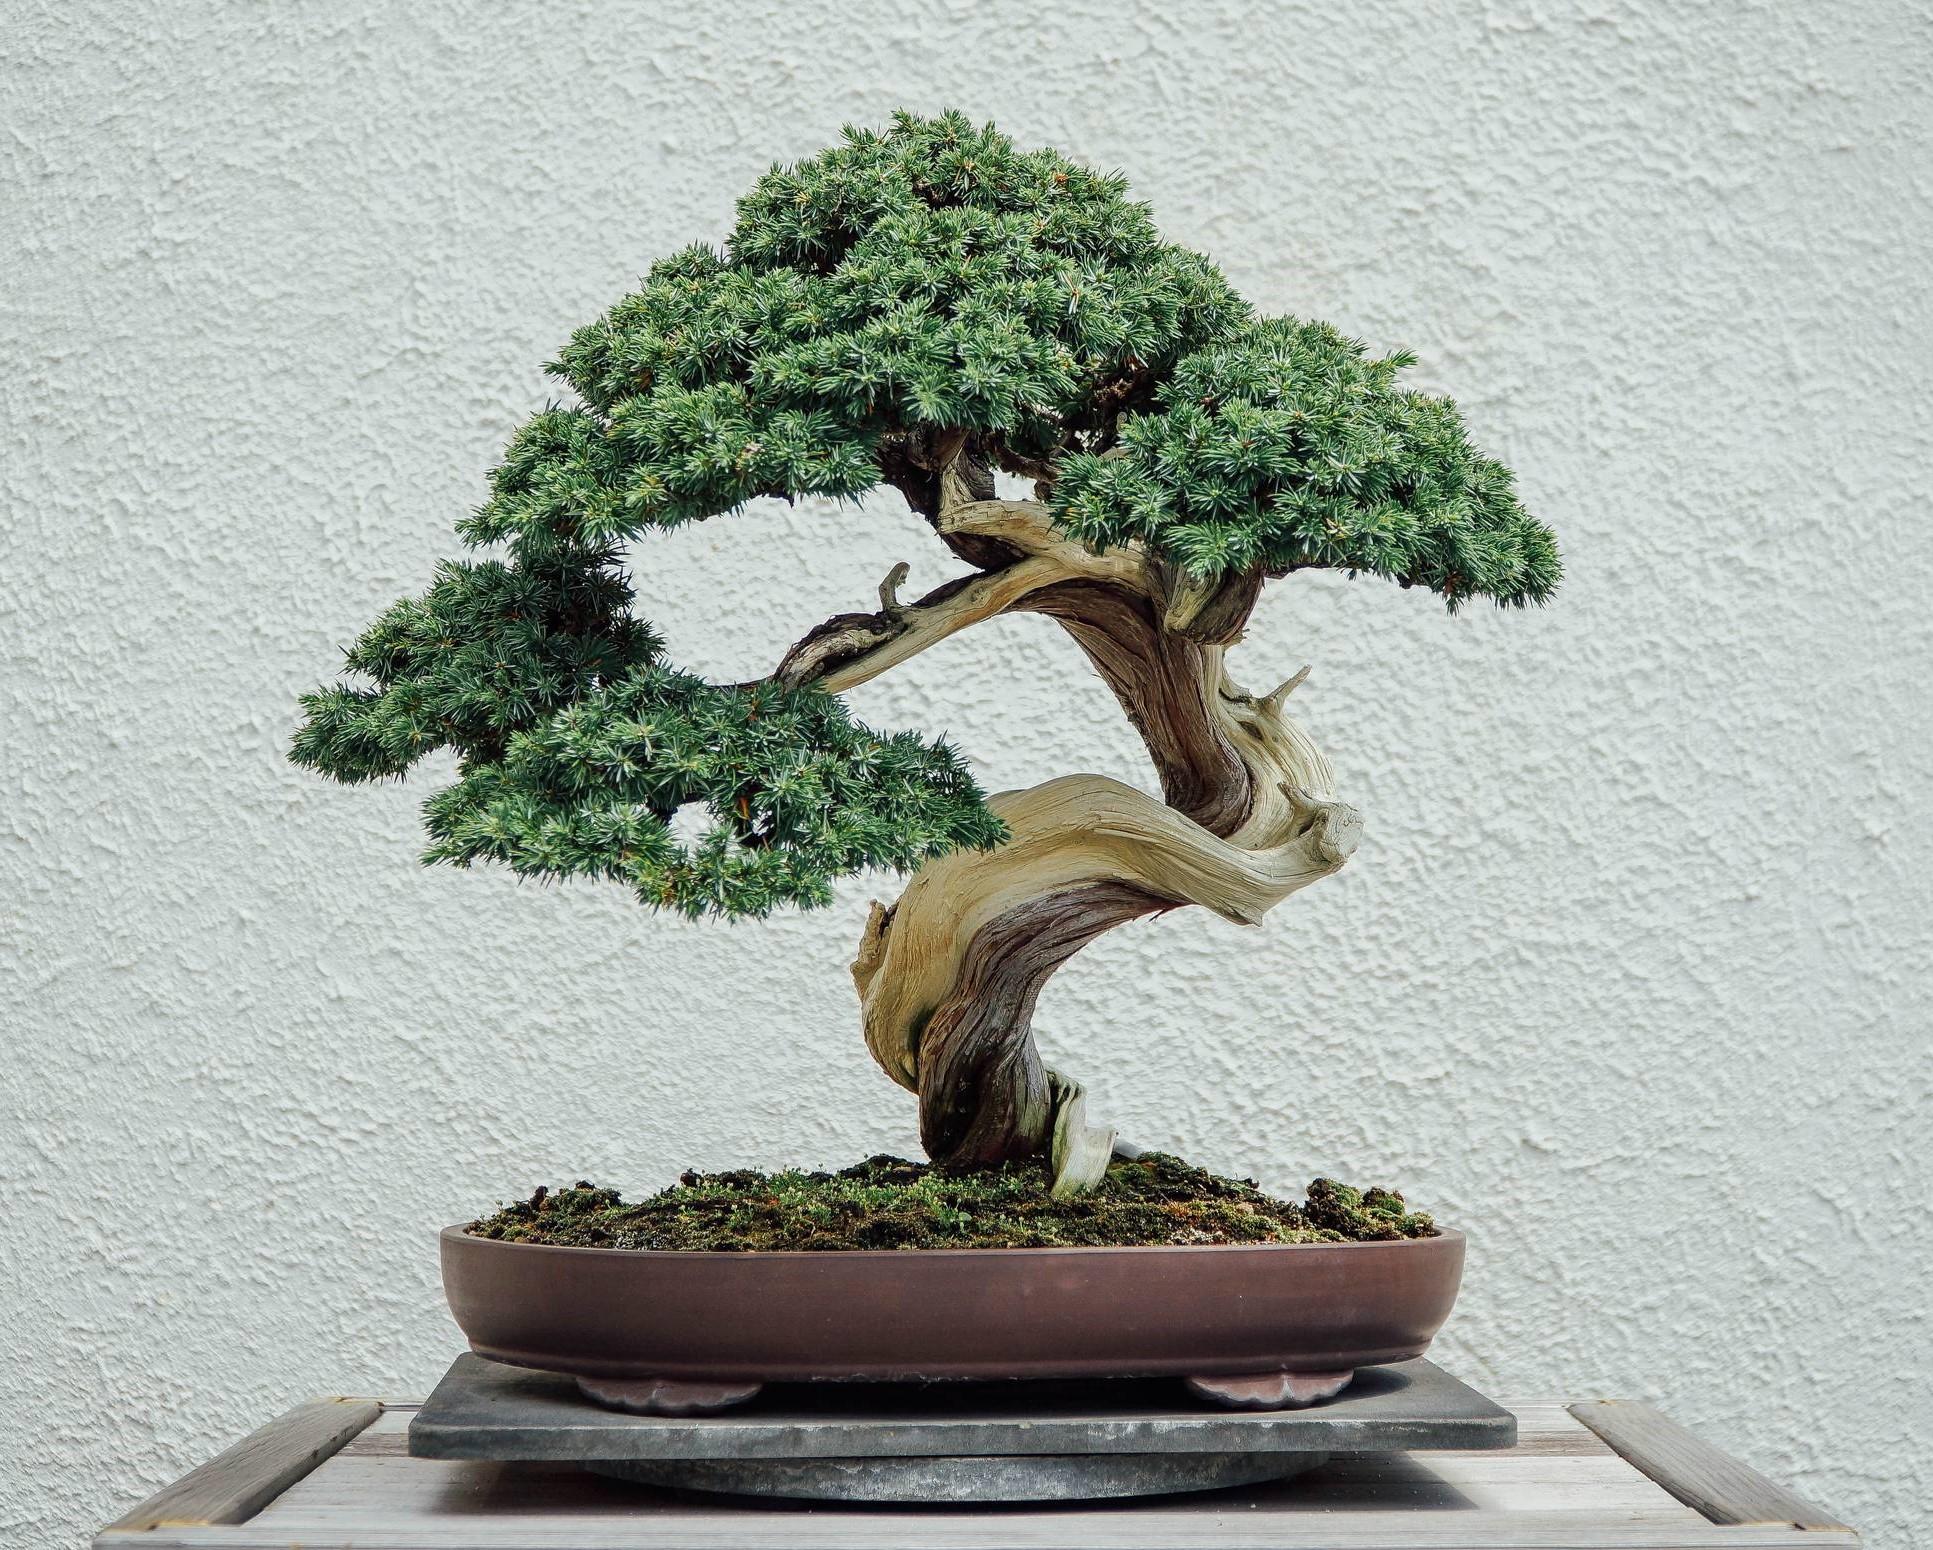 Achat de bonsaï: conseils utiles pour choisir le bon arbre.